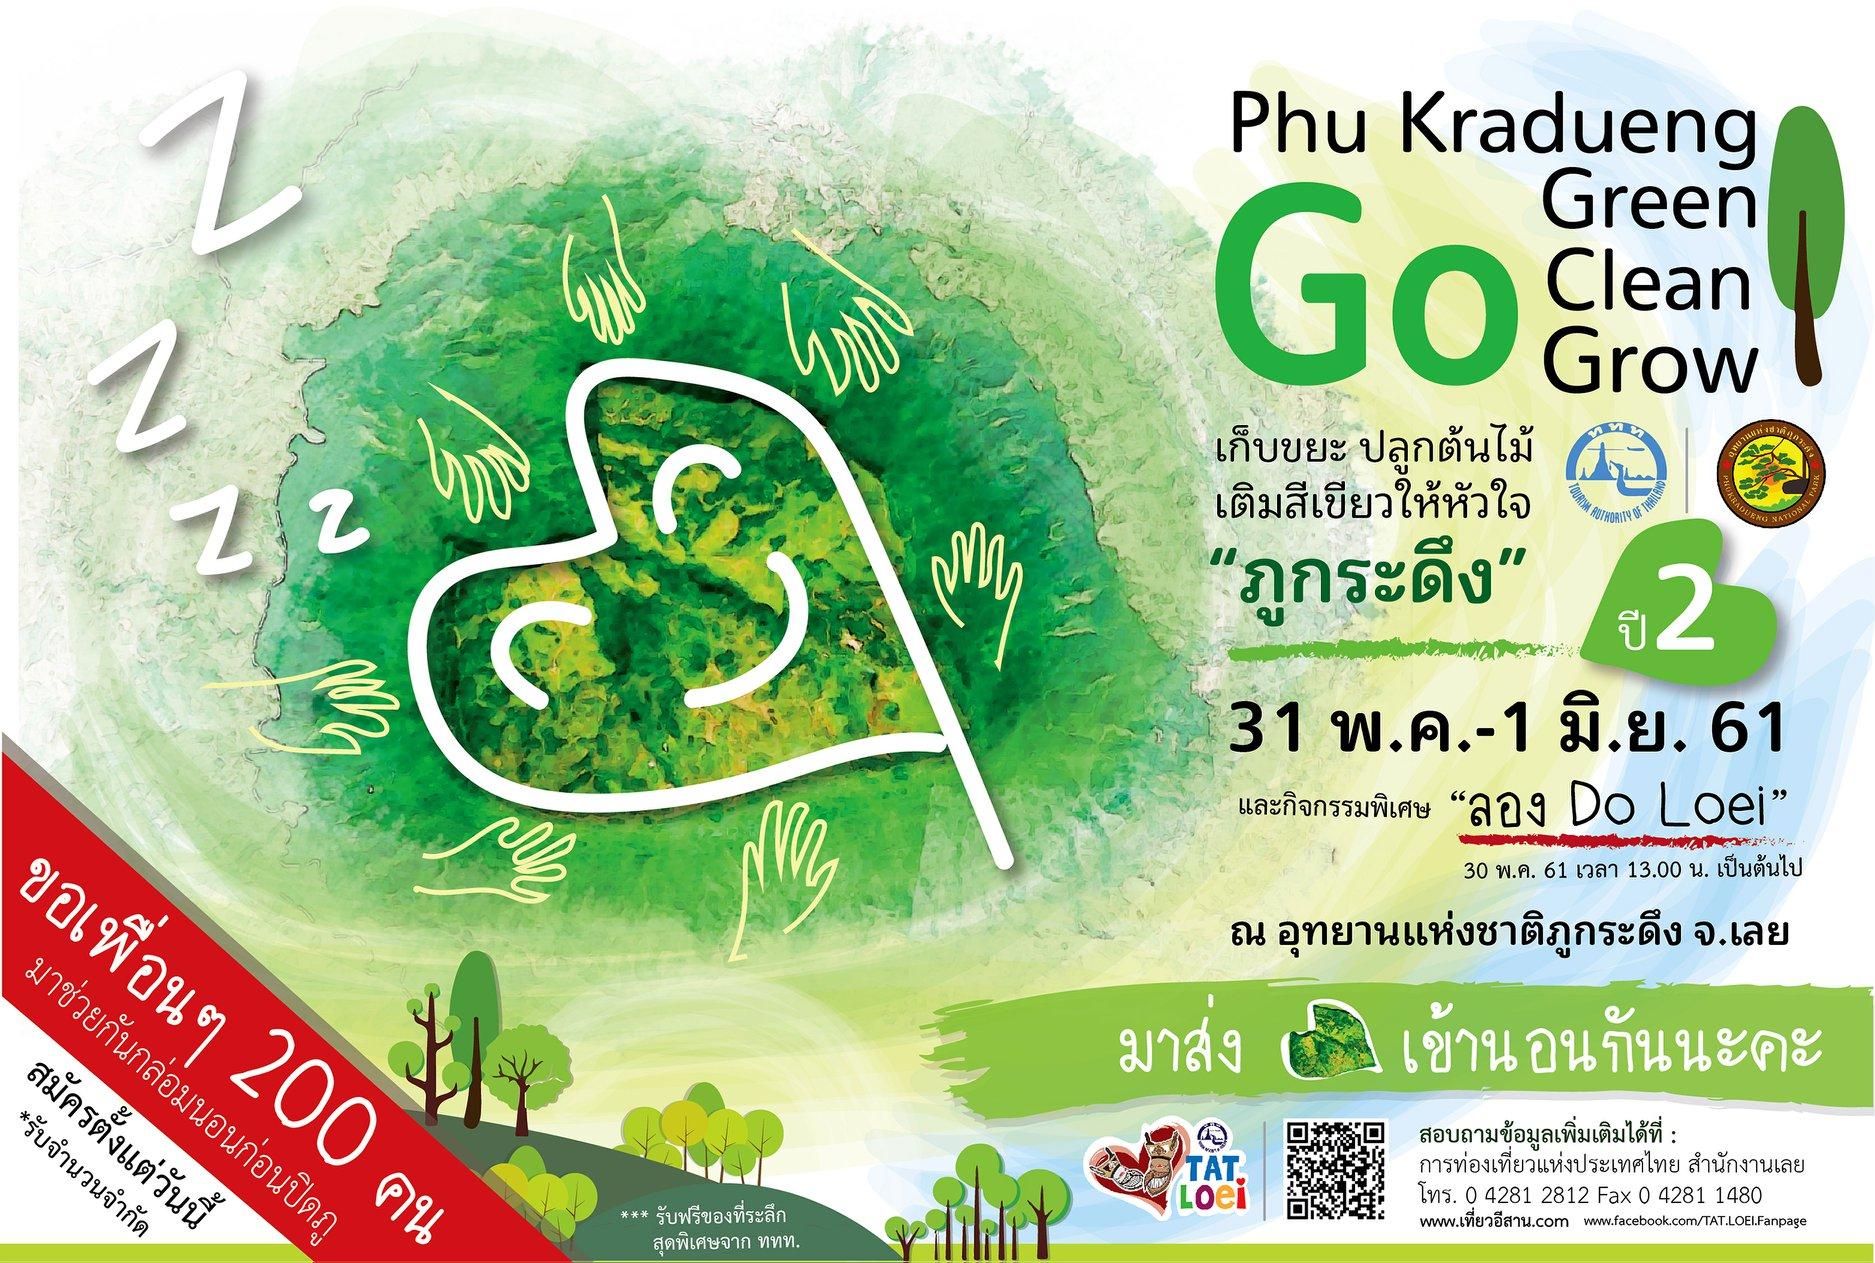 Phu Kradueng Go Green : Go Clean : Go Grow เติมสีเขียวให้หัวใจ ปี 2 ณ อุทยานแห่งชาติภูกระดึง จังหวัดเลย